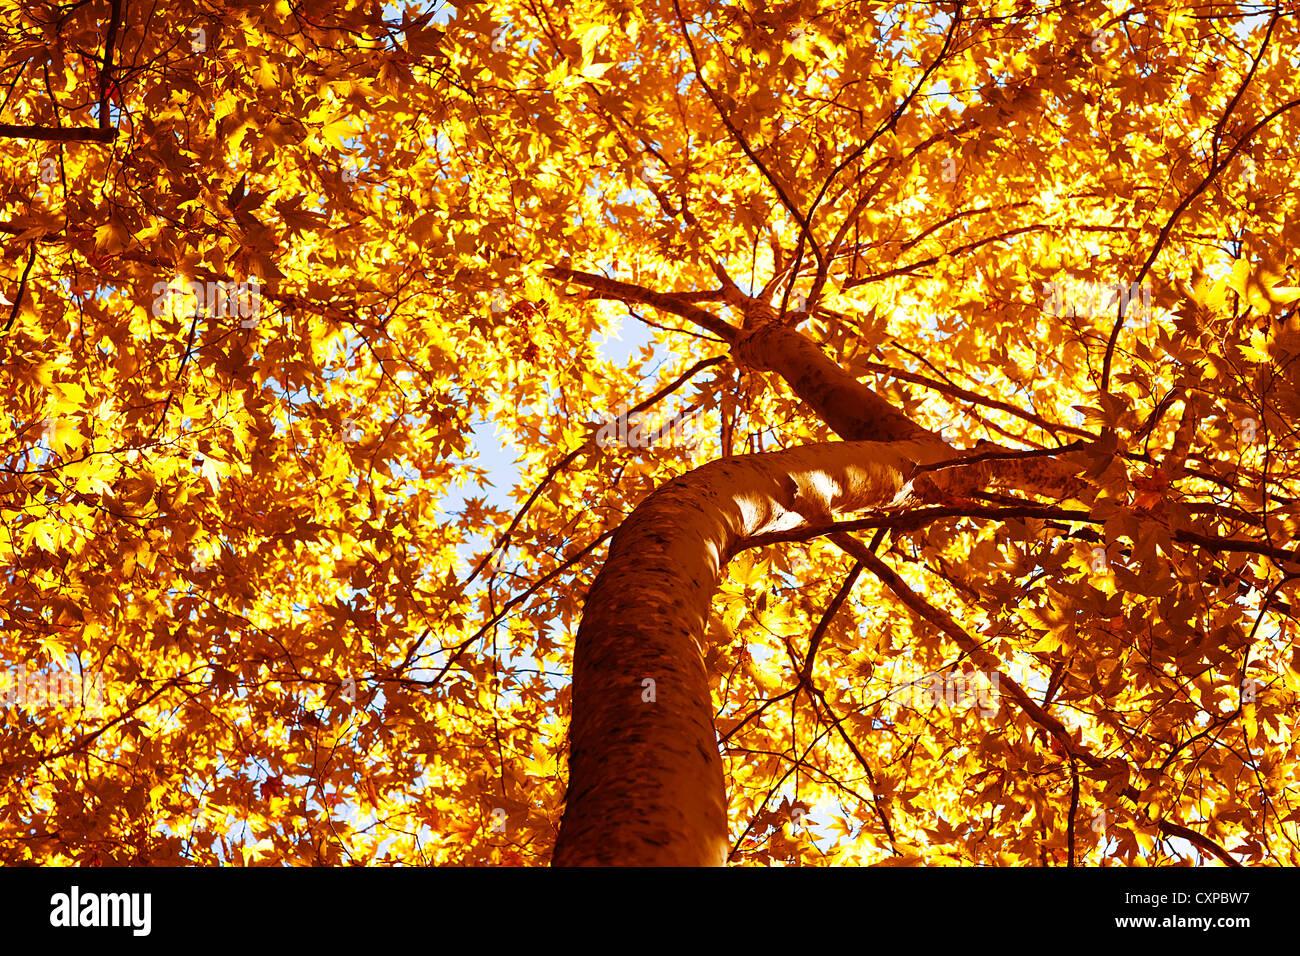 Fotos del hermoso árbol de otoño, el follaje amarillo seco en el viejo tronco de árbol, abstracto Imagen De Stock